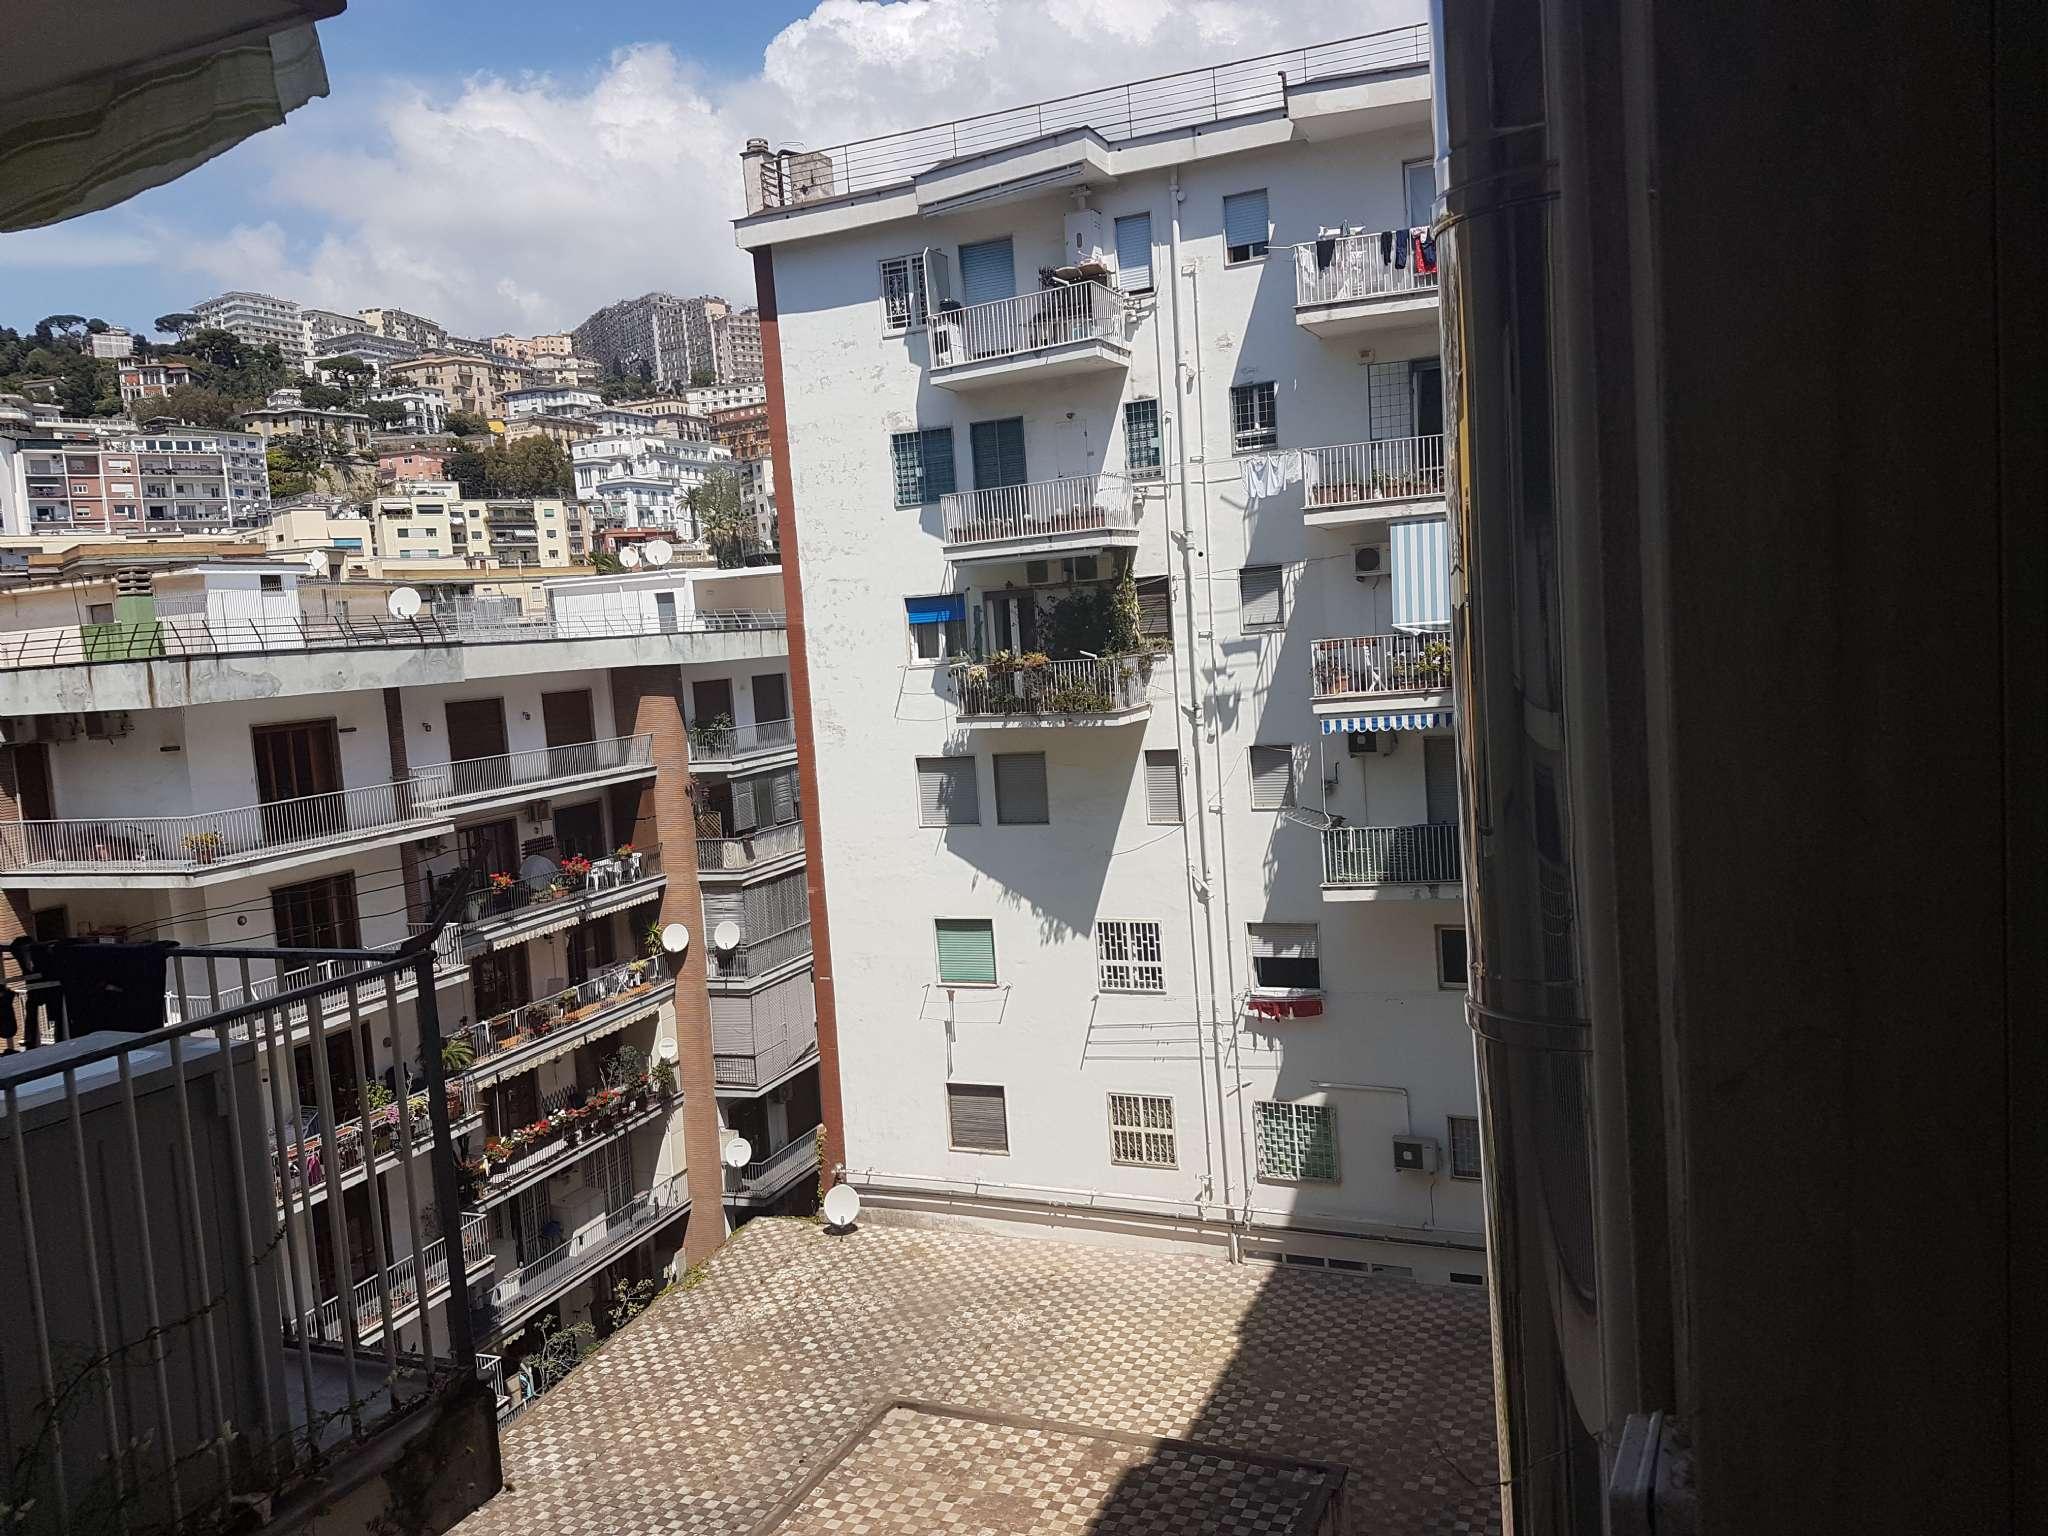 Appartamento in affitto a Napoli, 1 locali, zona Zona: 1 . Chiaia, Posillipo, San Ferdinando, prezzo € 550 | Cambio Casa.it